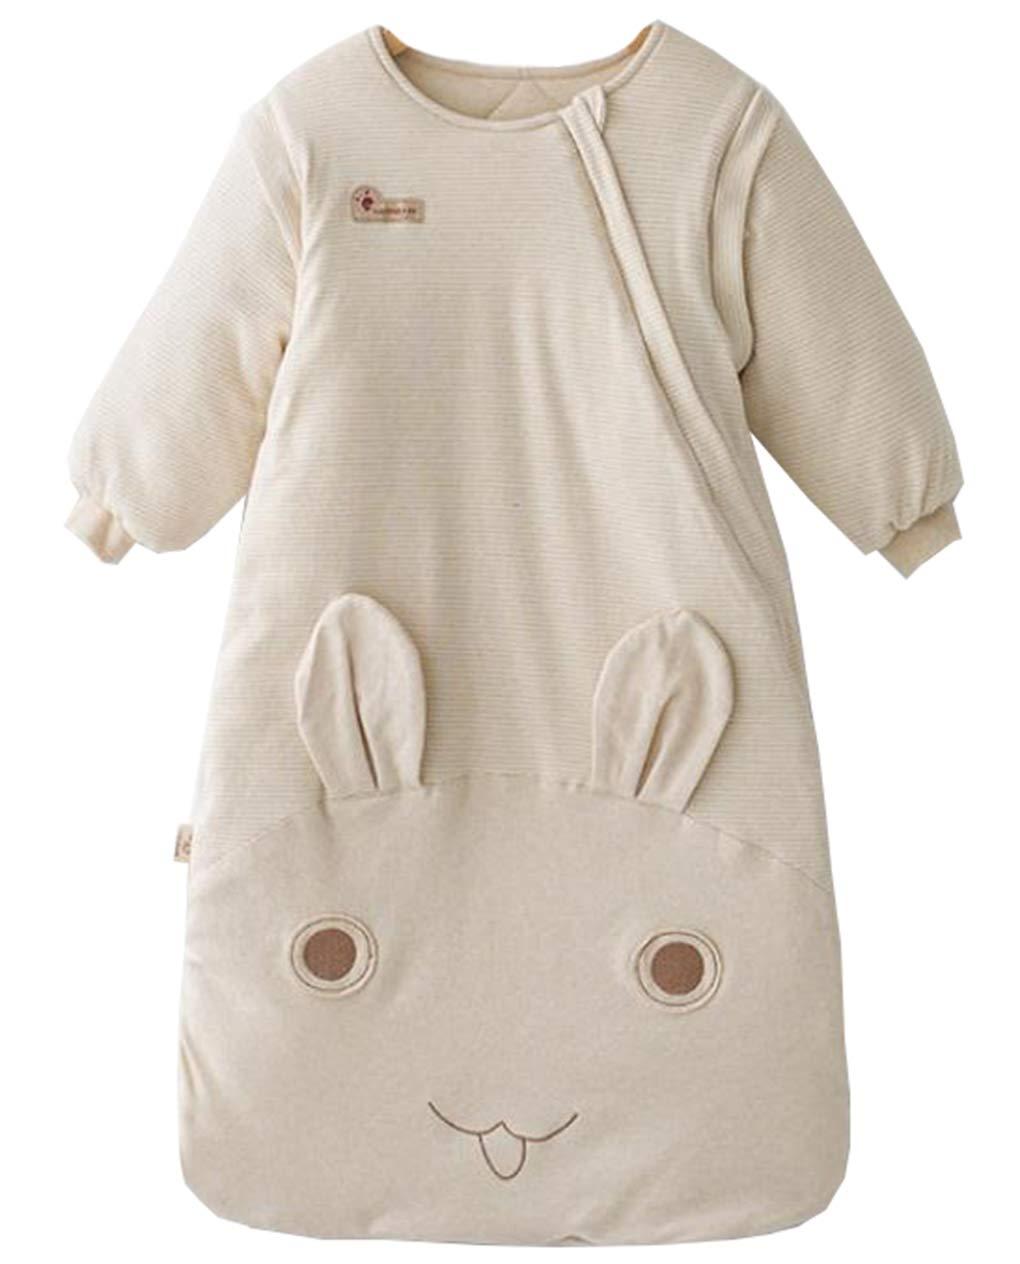 ML Saco de Dormir para bebés, Saco de Dormir para bebés, antipatadas para niños, Conejo de algodón de Color Conejo Lindo (1-36 Meses): Amazon.es: Deportes y ...